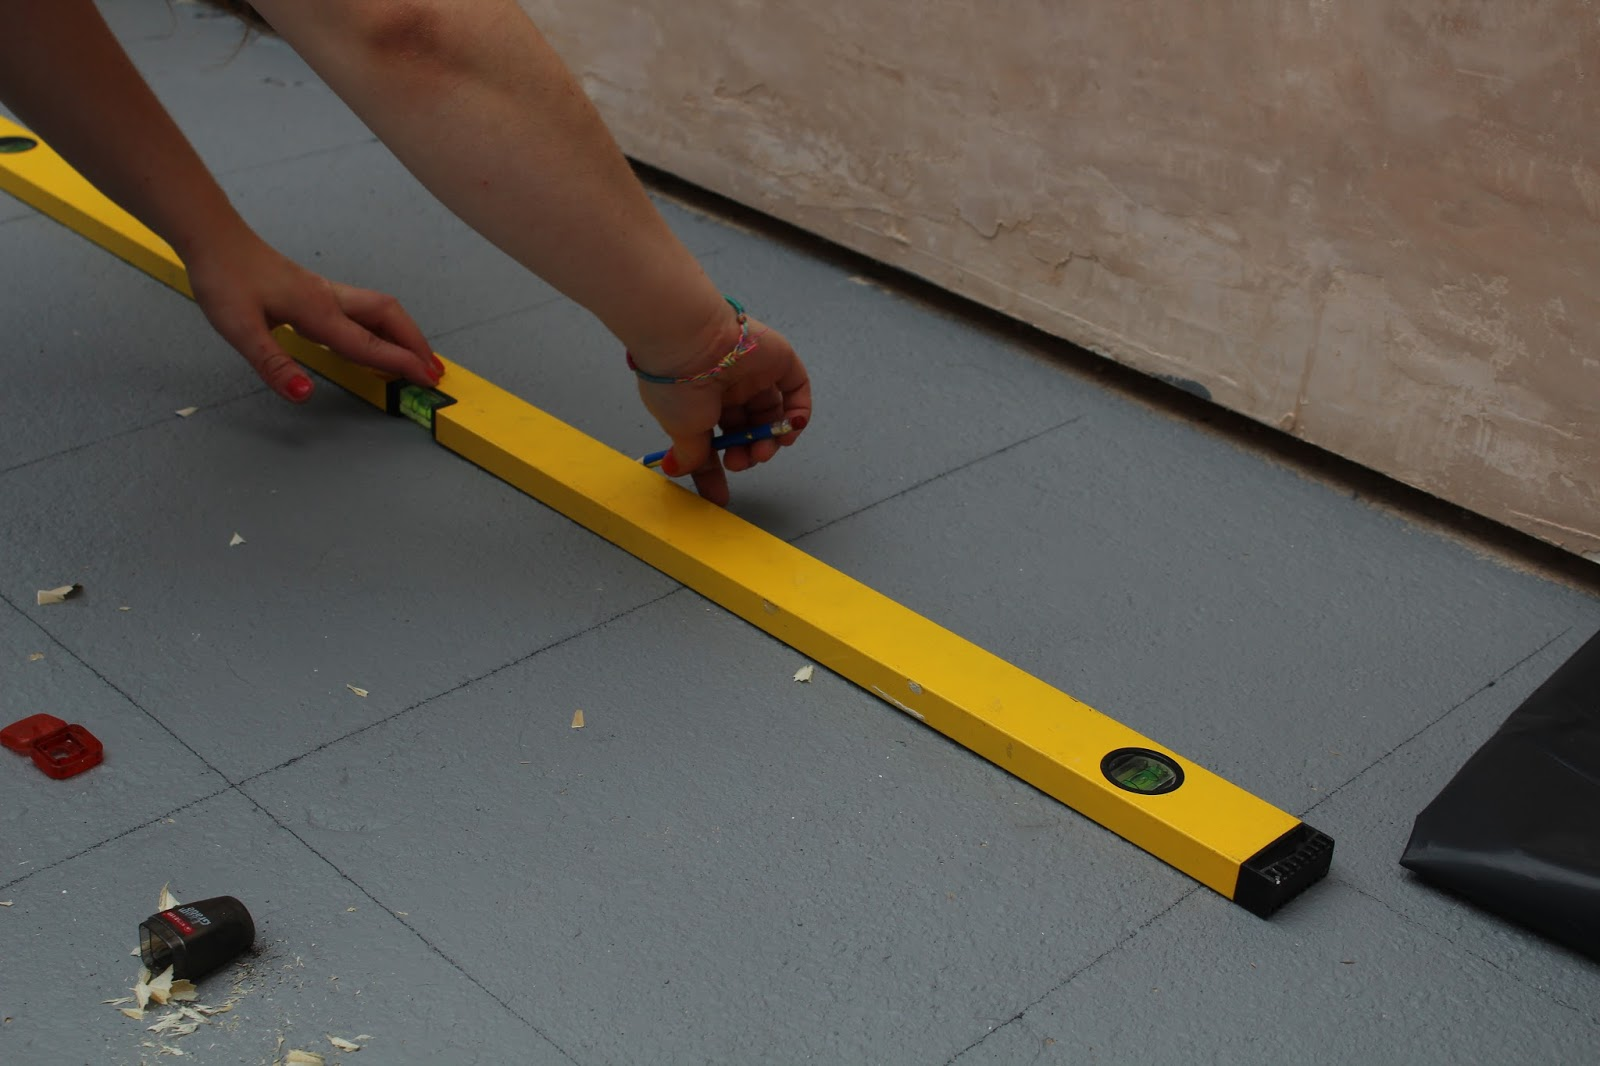 Diy Painting A Patterned Floor Kezzabeth Diy